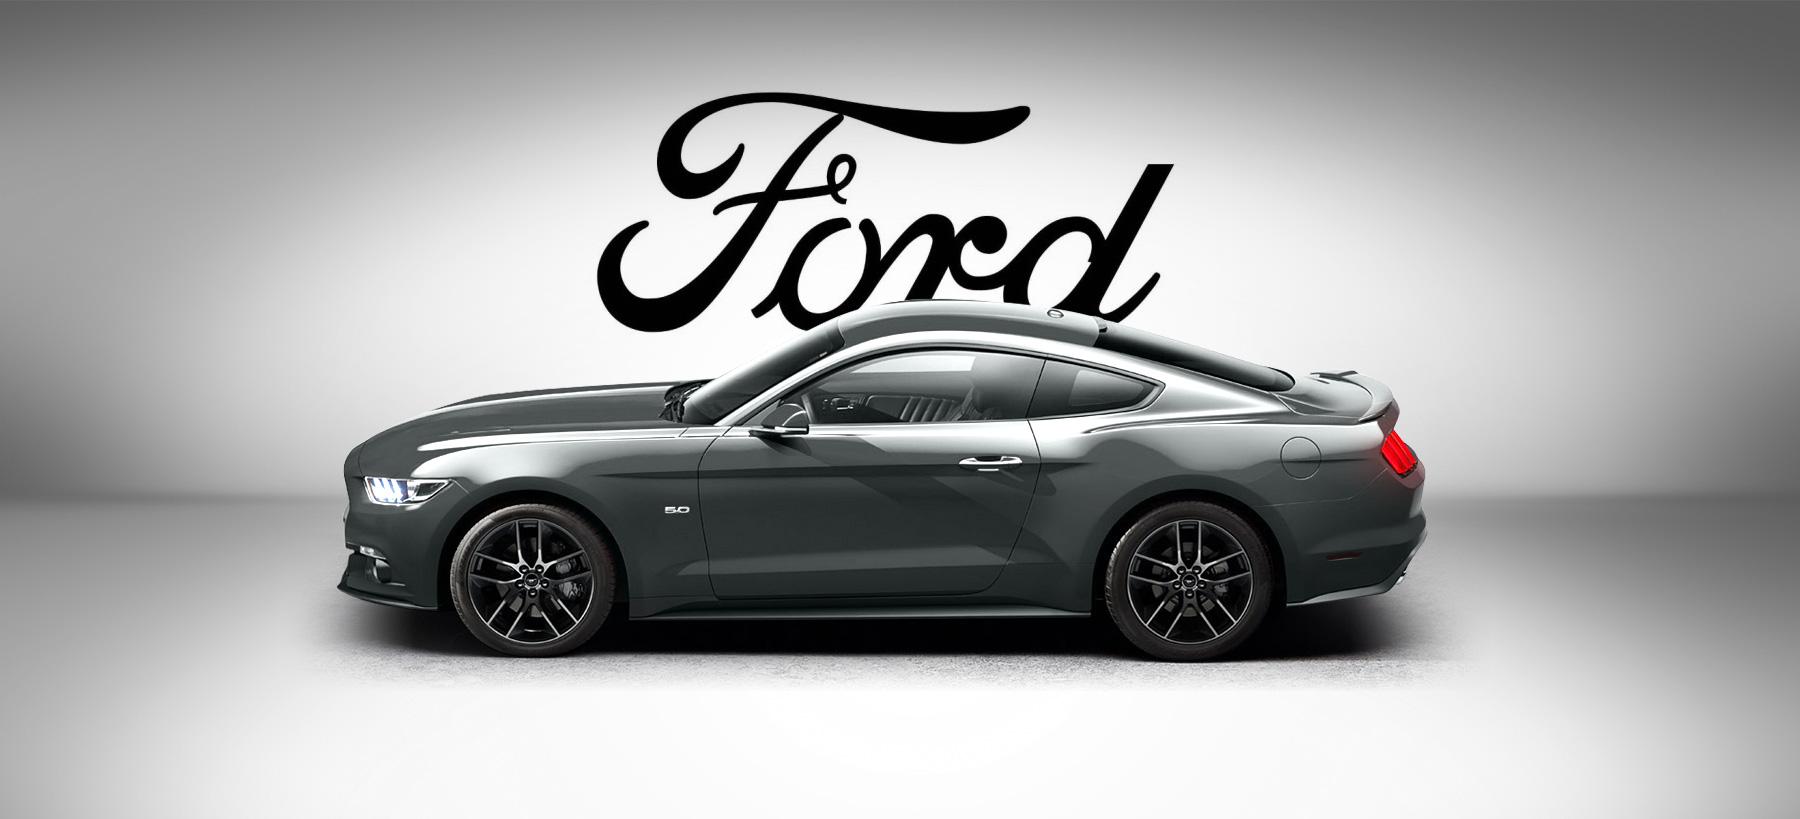 Directeur artistique freelance - Ford Mustang - Bannière publicitaire